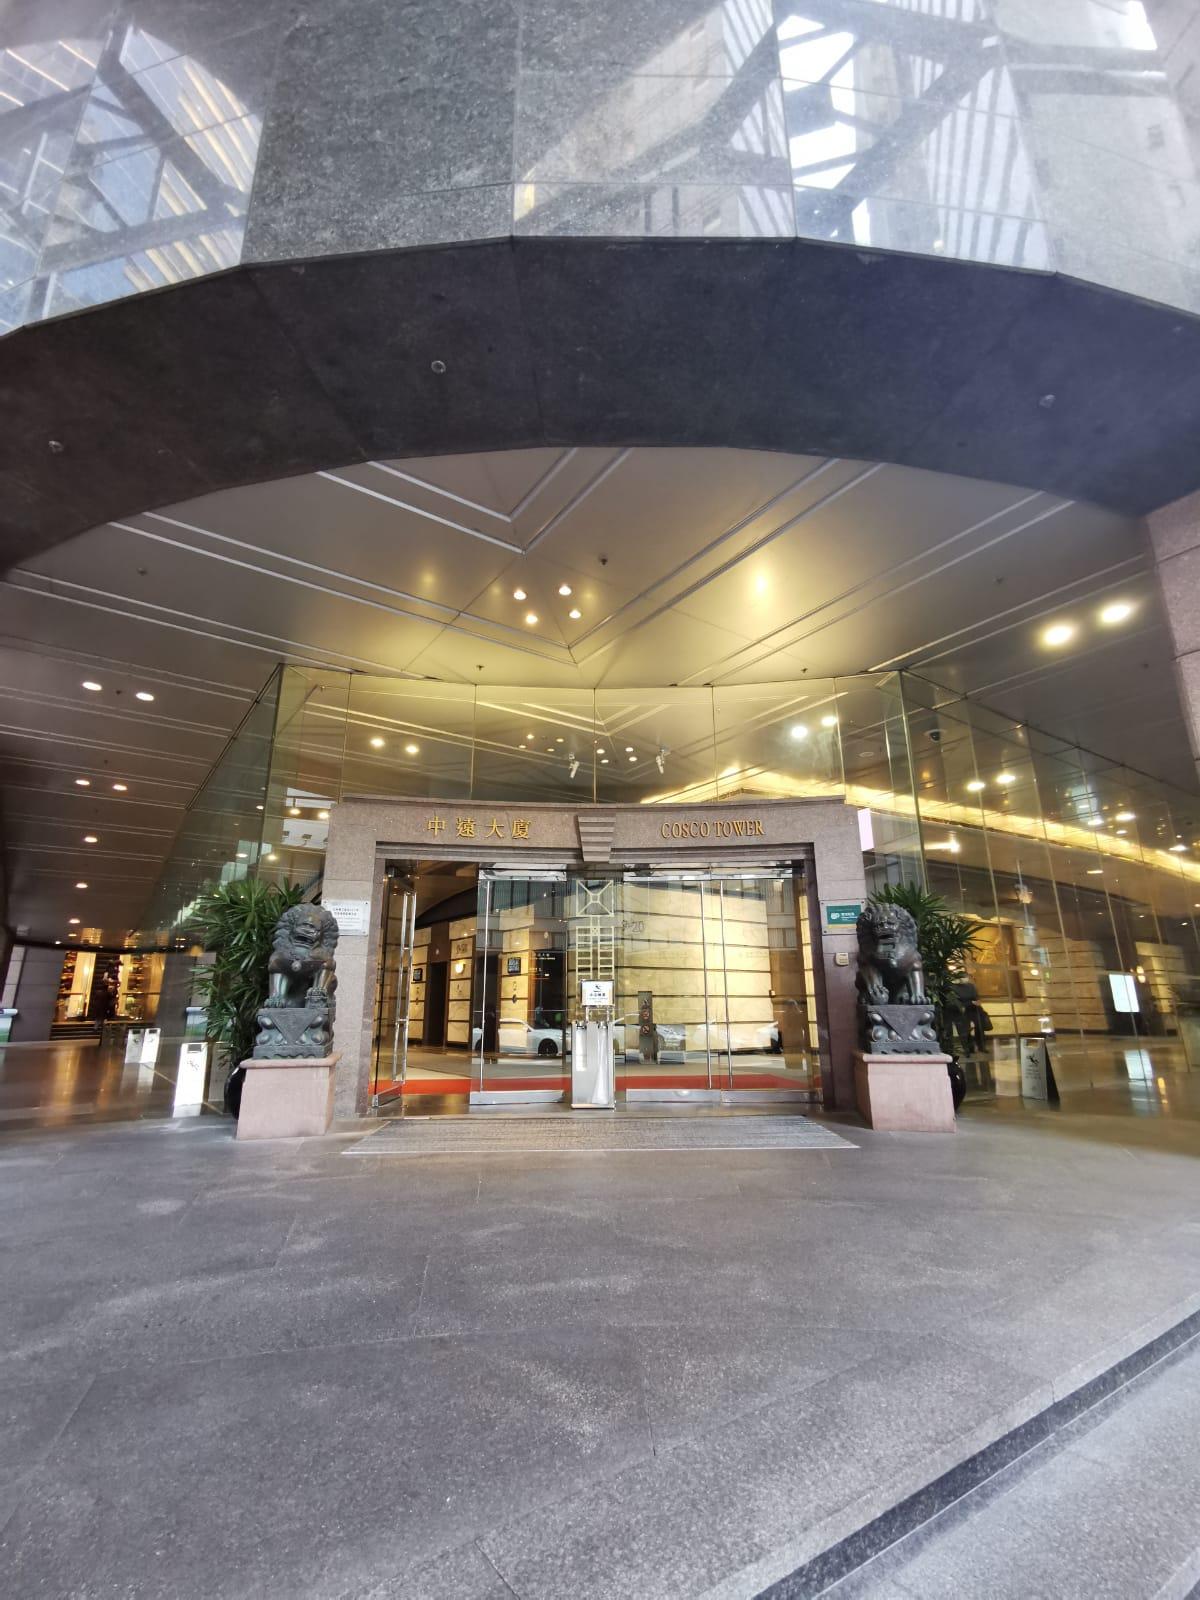 High level, Cosco Tower, Sheung Wan